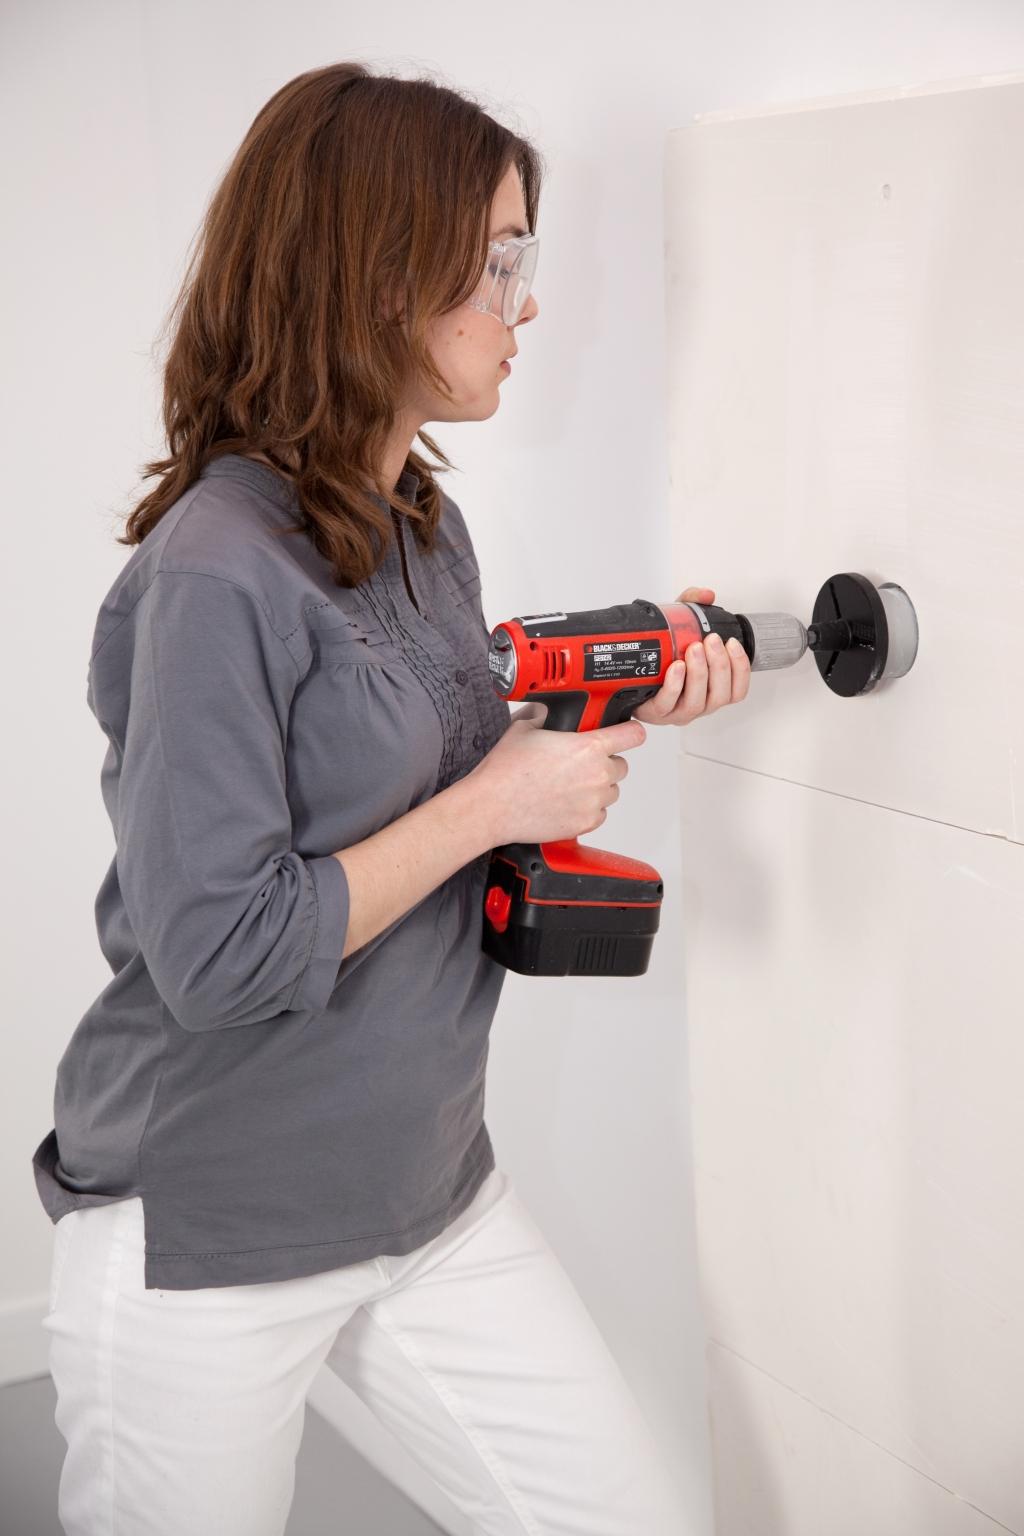 Installer un interrupteur encastré - Étape 3